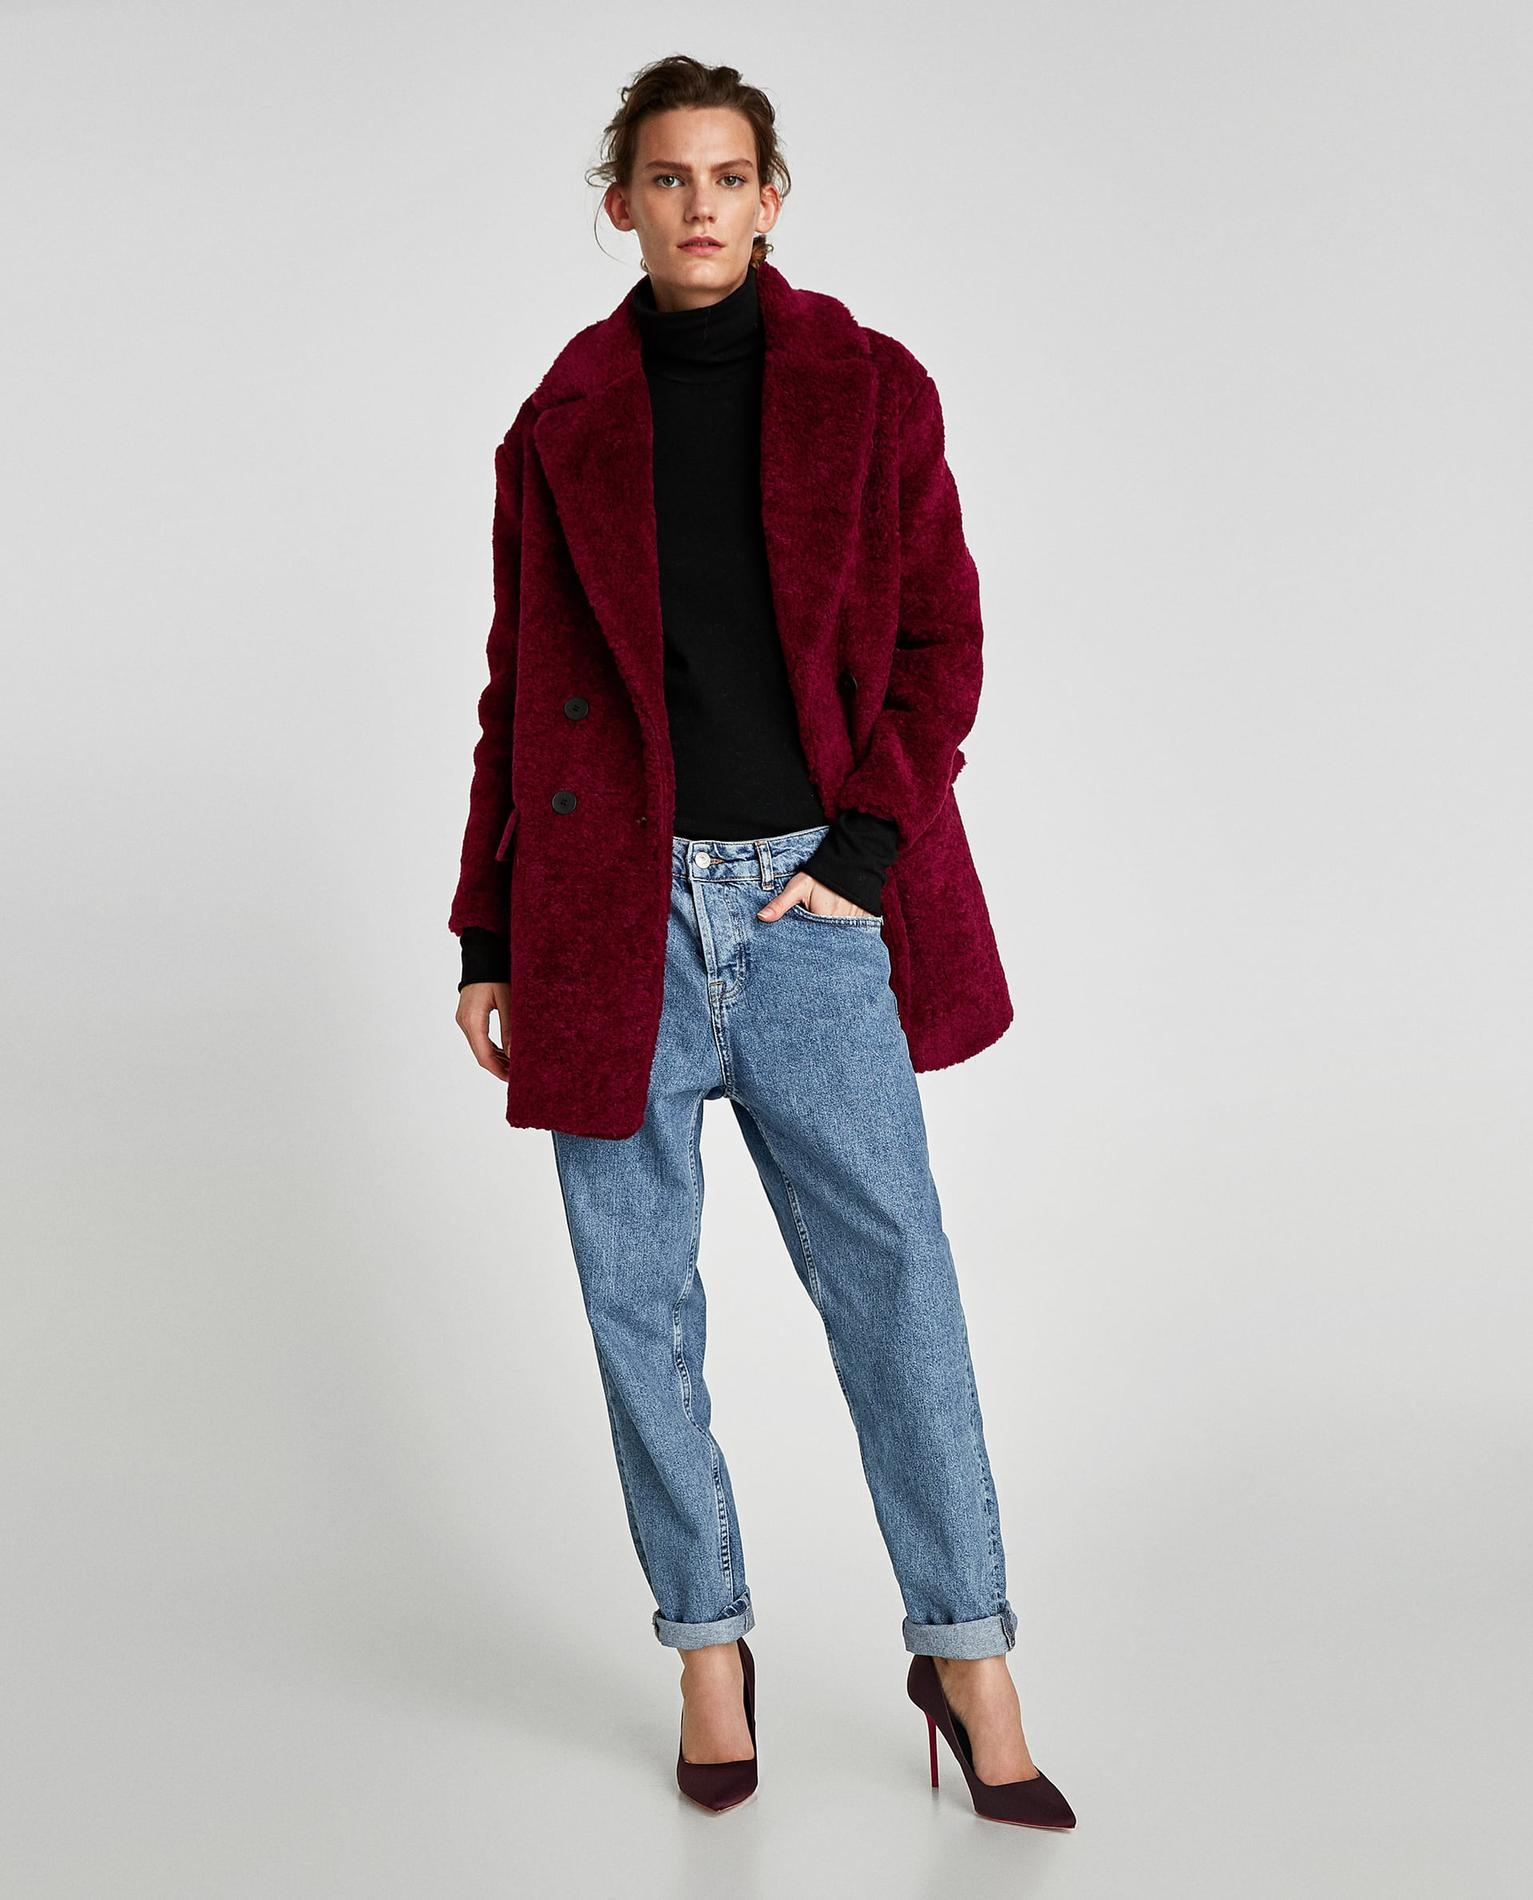 ... on se love dans des manteaux en fausse fourrure colorée - Diane von  Furstenberg Cet hiver, on se love dans des manteaux en fausse fourrure  colorée ... 5344c9ba8d79